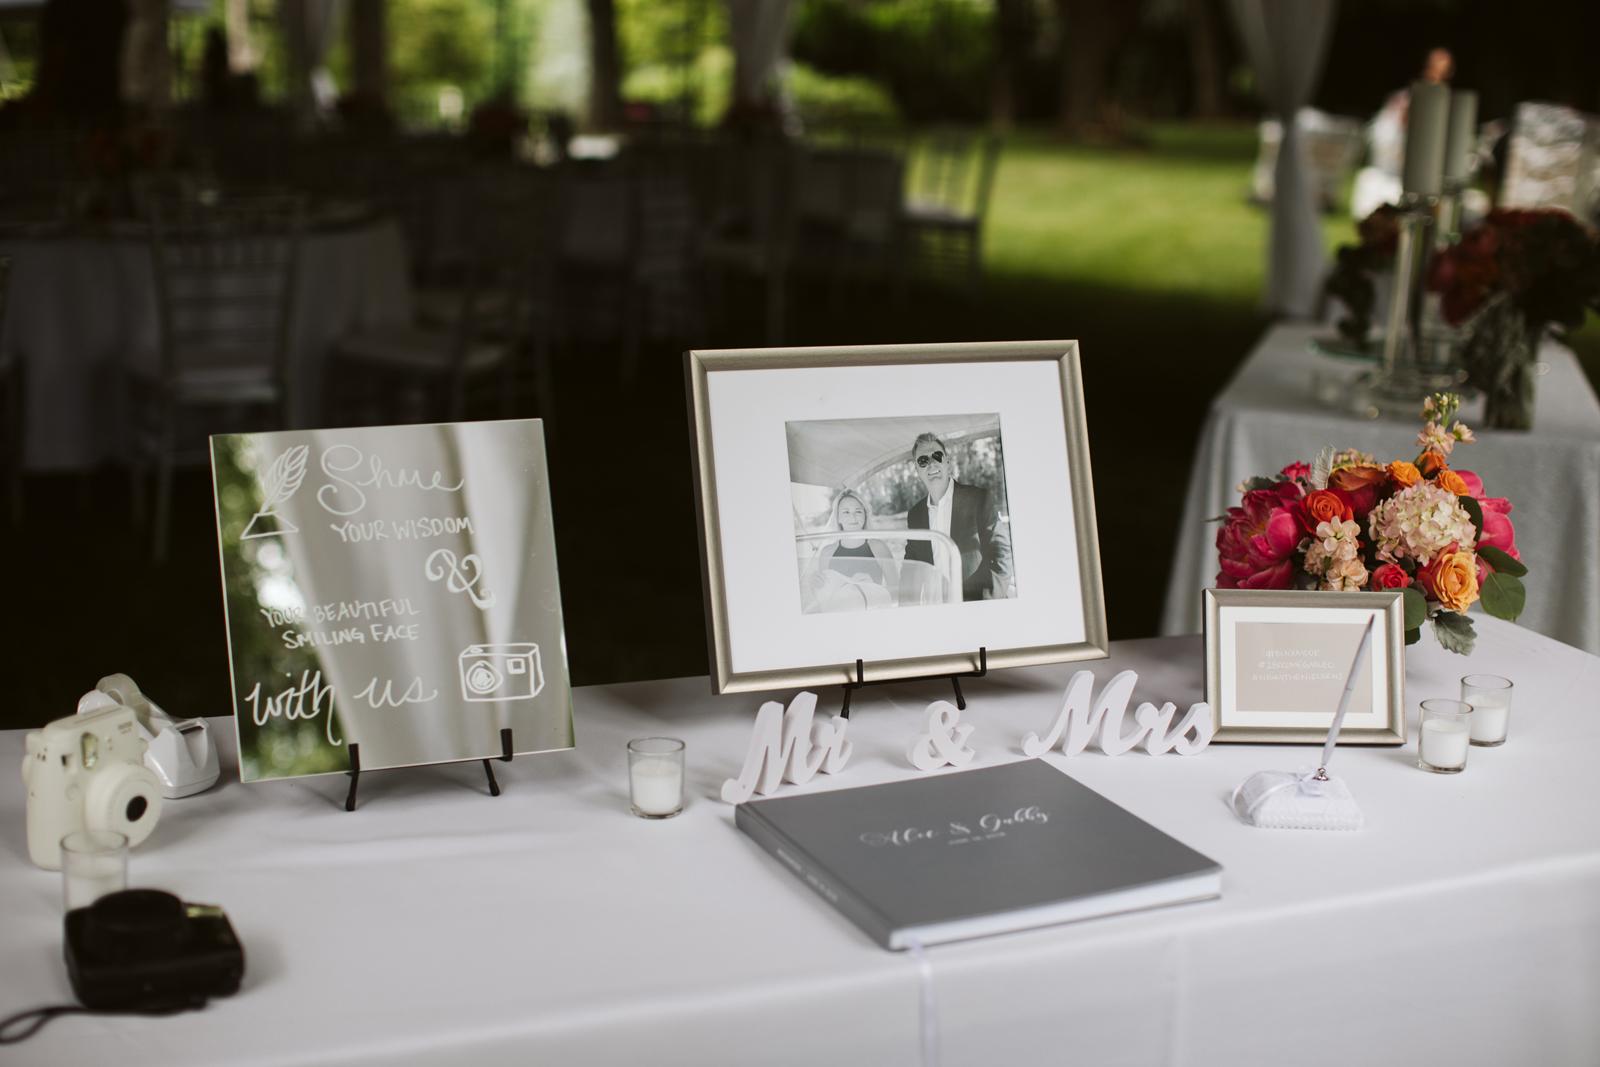 027-daronjackson-gabby-alec-wedding.jpg